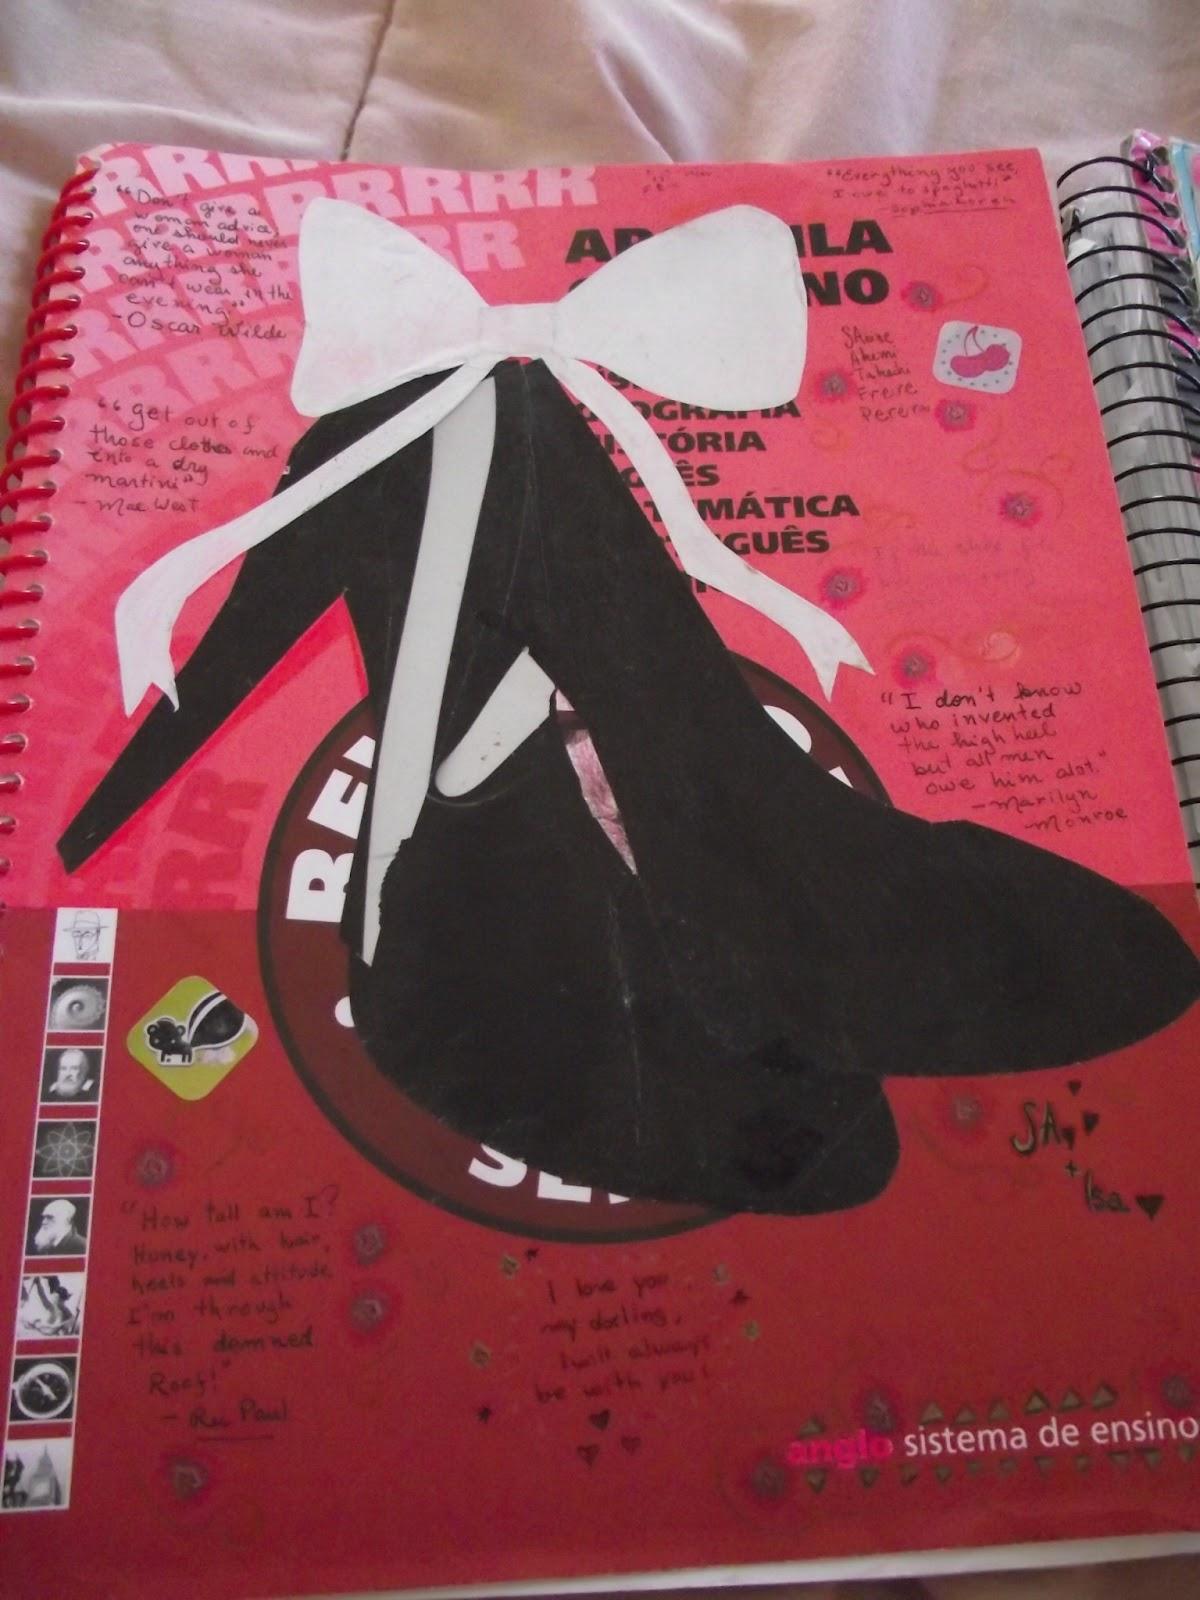 http://1.bp.blogspot.com/-MsbpLAvLRCU/Ty1AnyAaC-I/AAAAAAAABb4/DhFLDO-qx0c/s1600/Shoe+Whore+shrine+ala+Carrie+quotes+%252821%2529.JPG